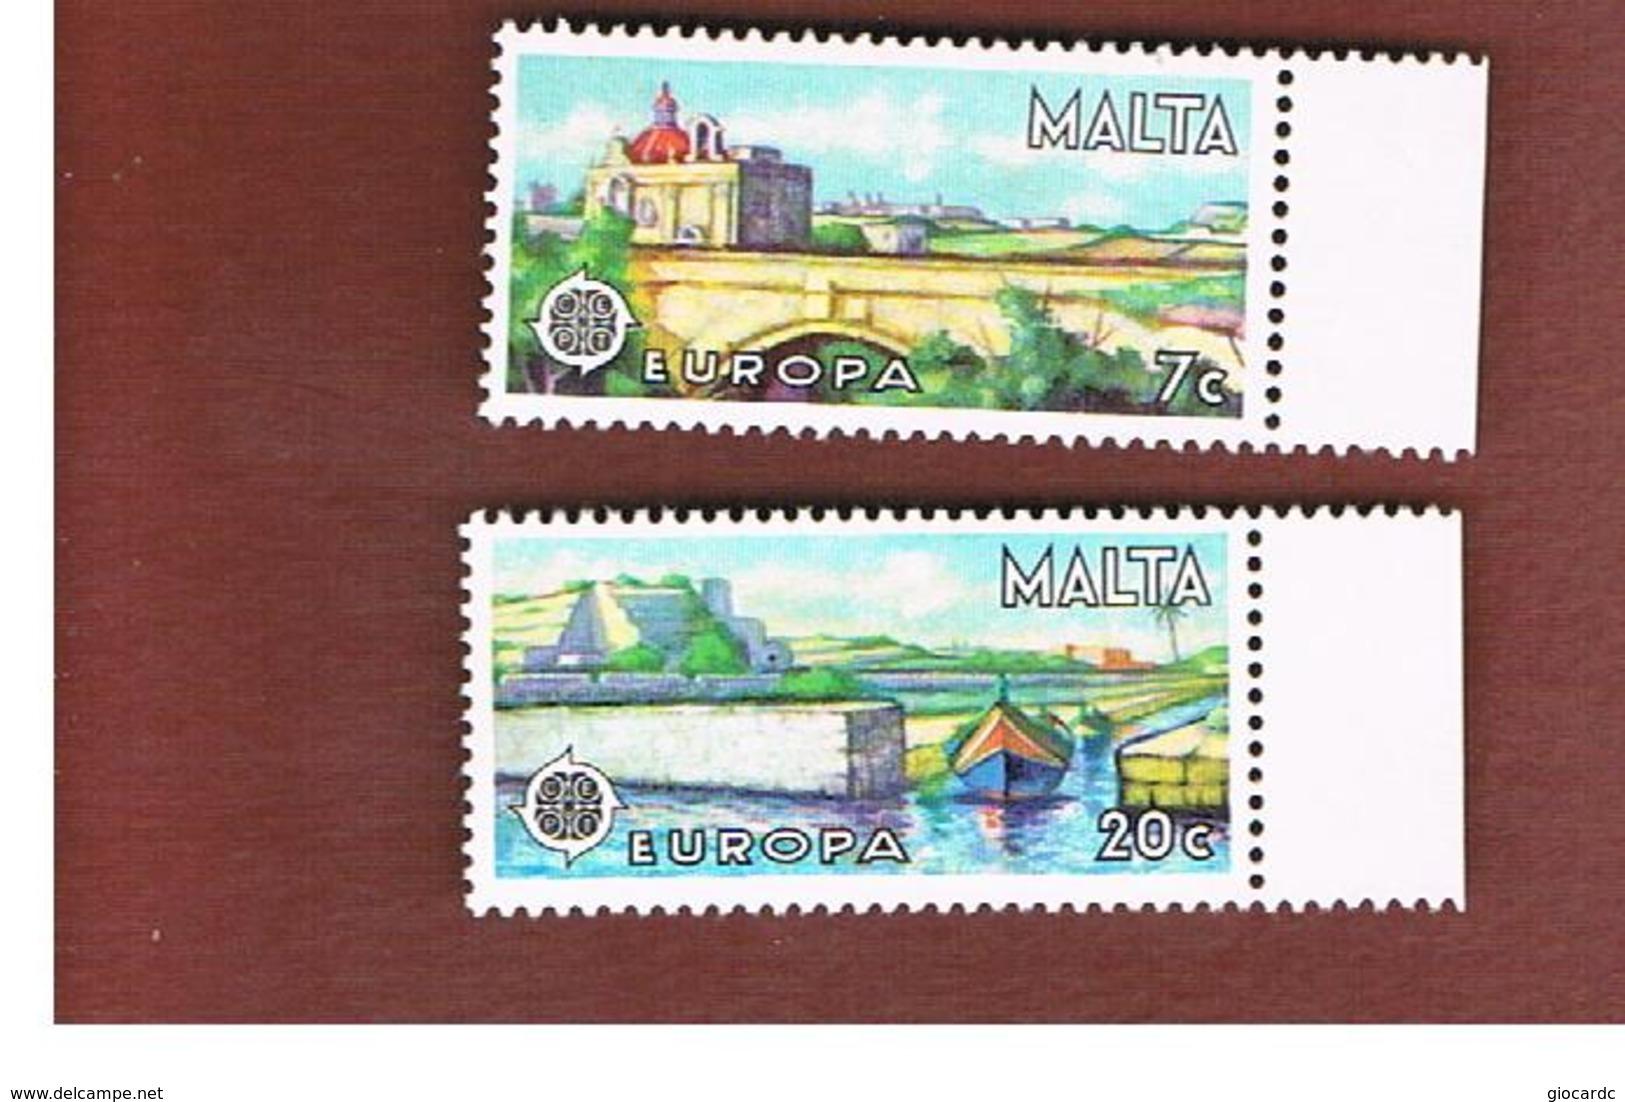 MALTA   - 1977 EUROPA     -     MINT** - 1977